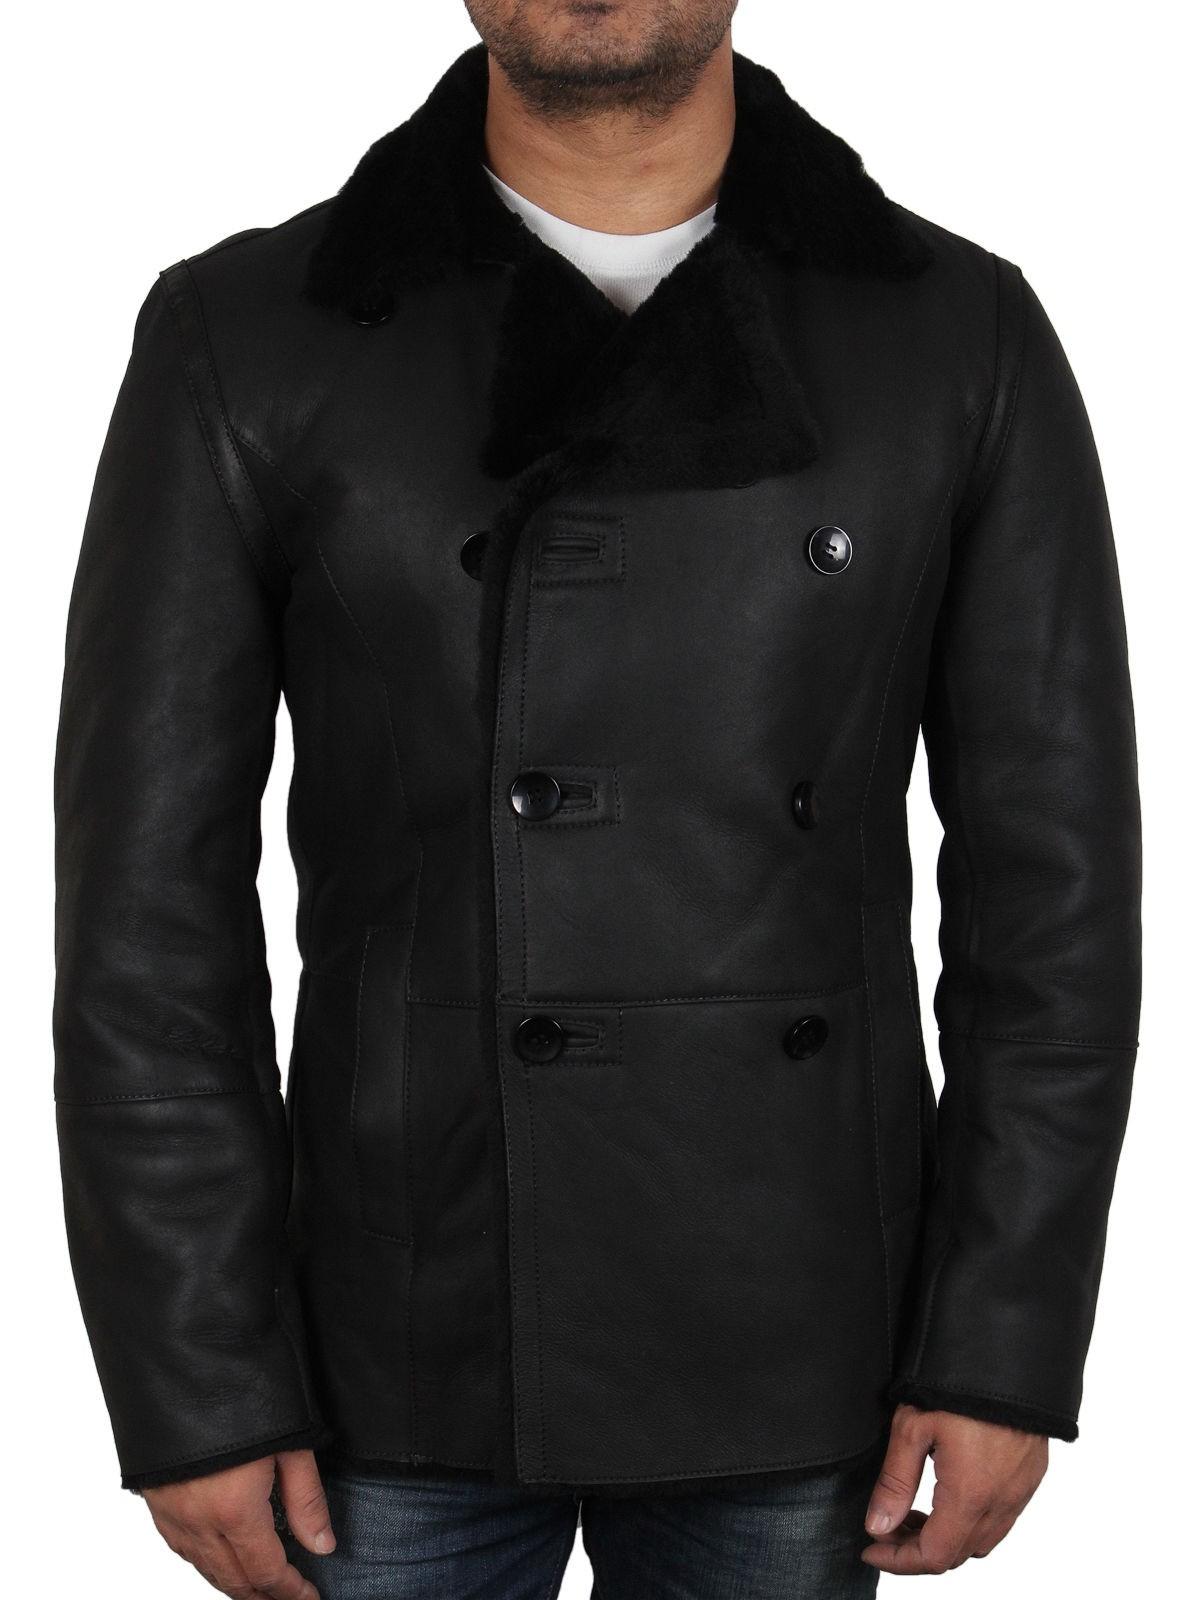 2cc2a7c0452 Men s Black shearling sheepskin jacket - Rambo